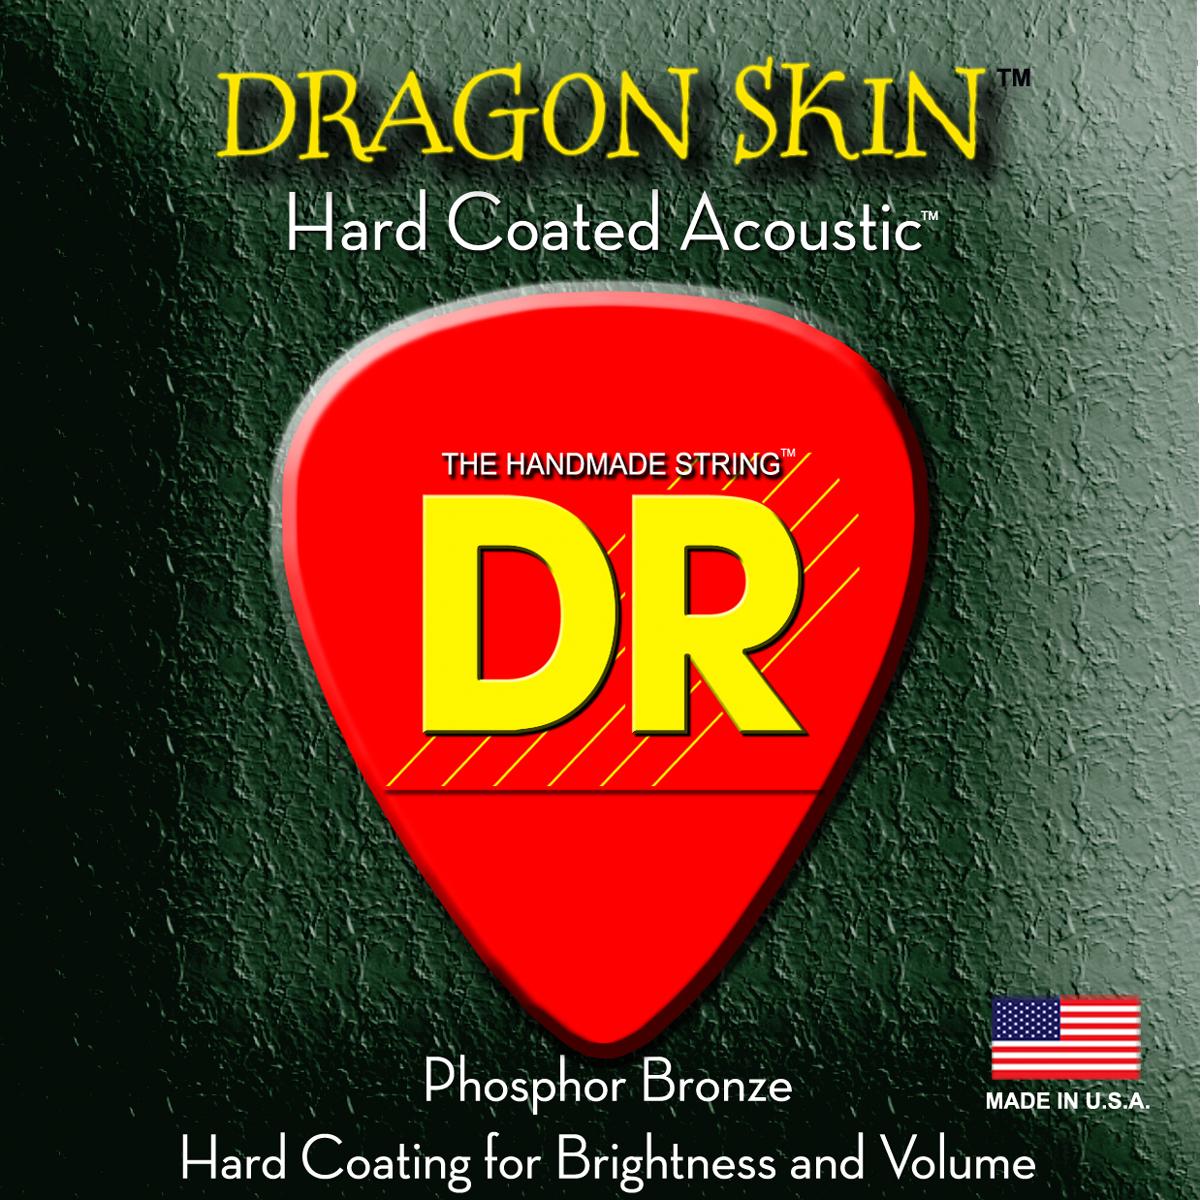 DR Strings Dragon Skin Acoustic 12 String Light